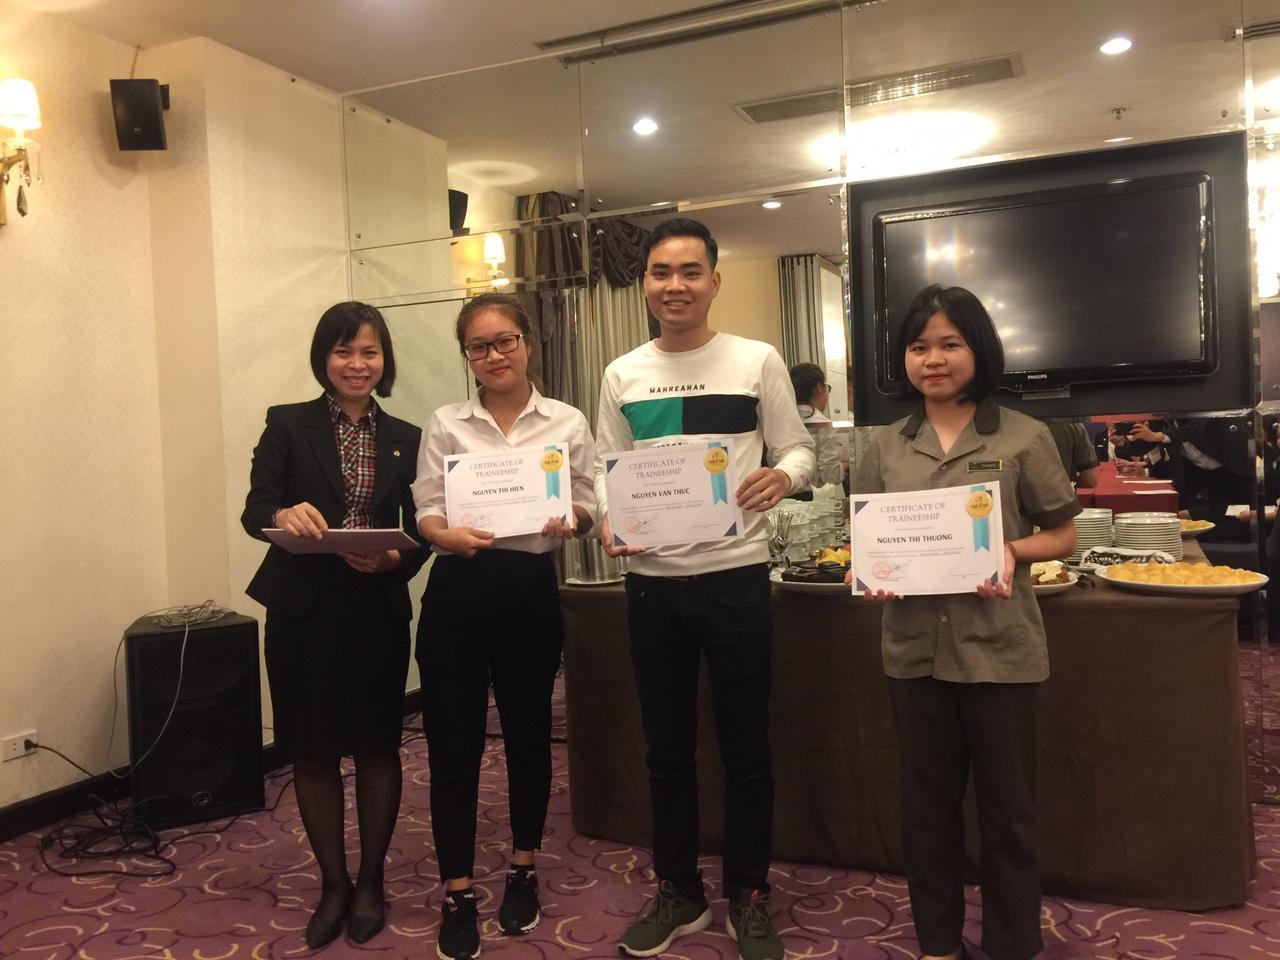 Sinh viên ĐH Khoa 10 kết thúc đợt thực tập tại Khách sạn Silkpath Hà Nội